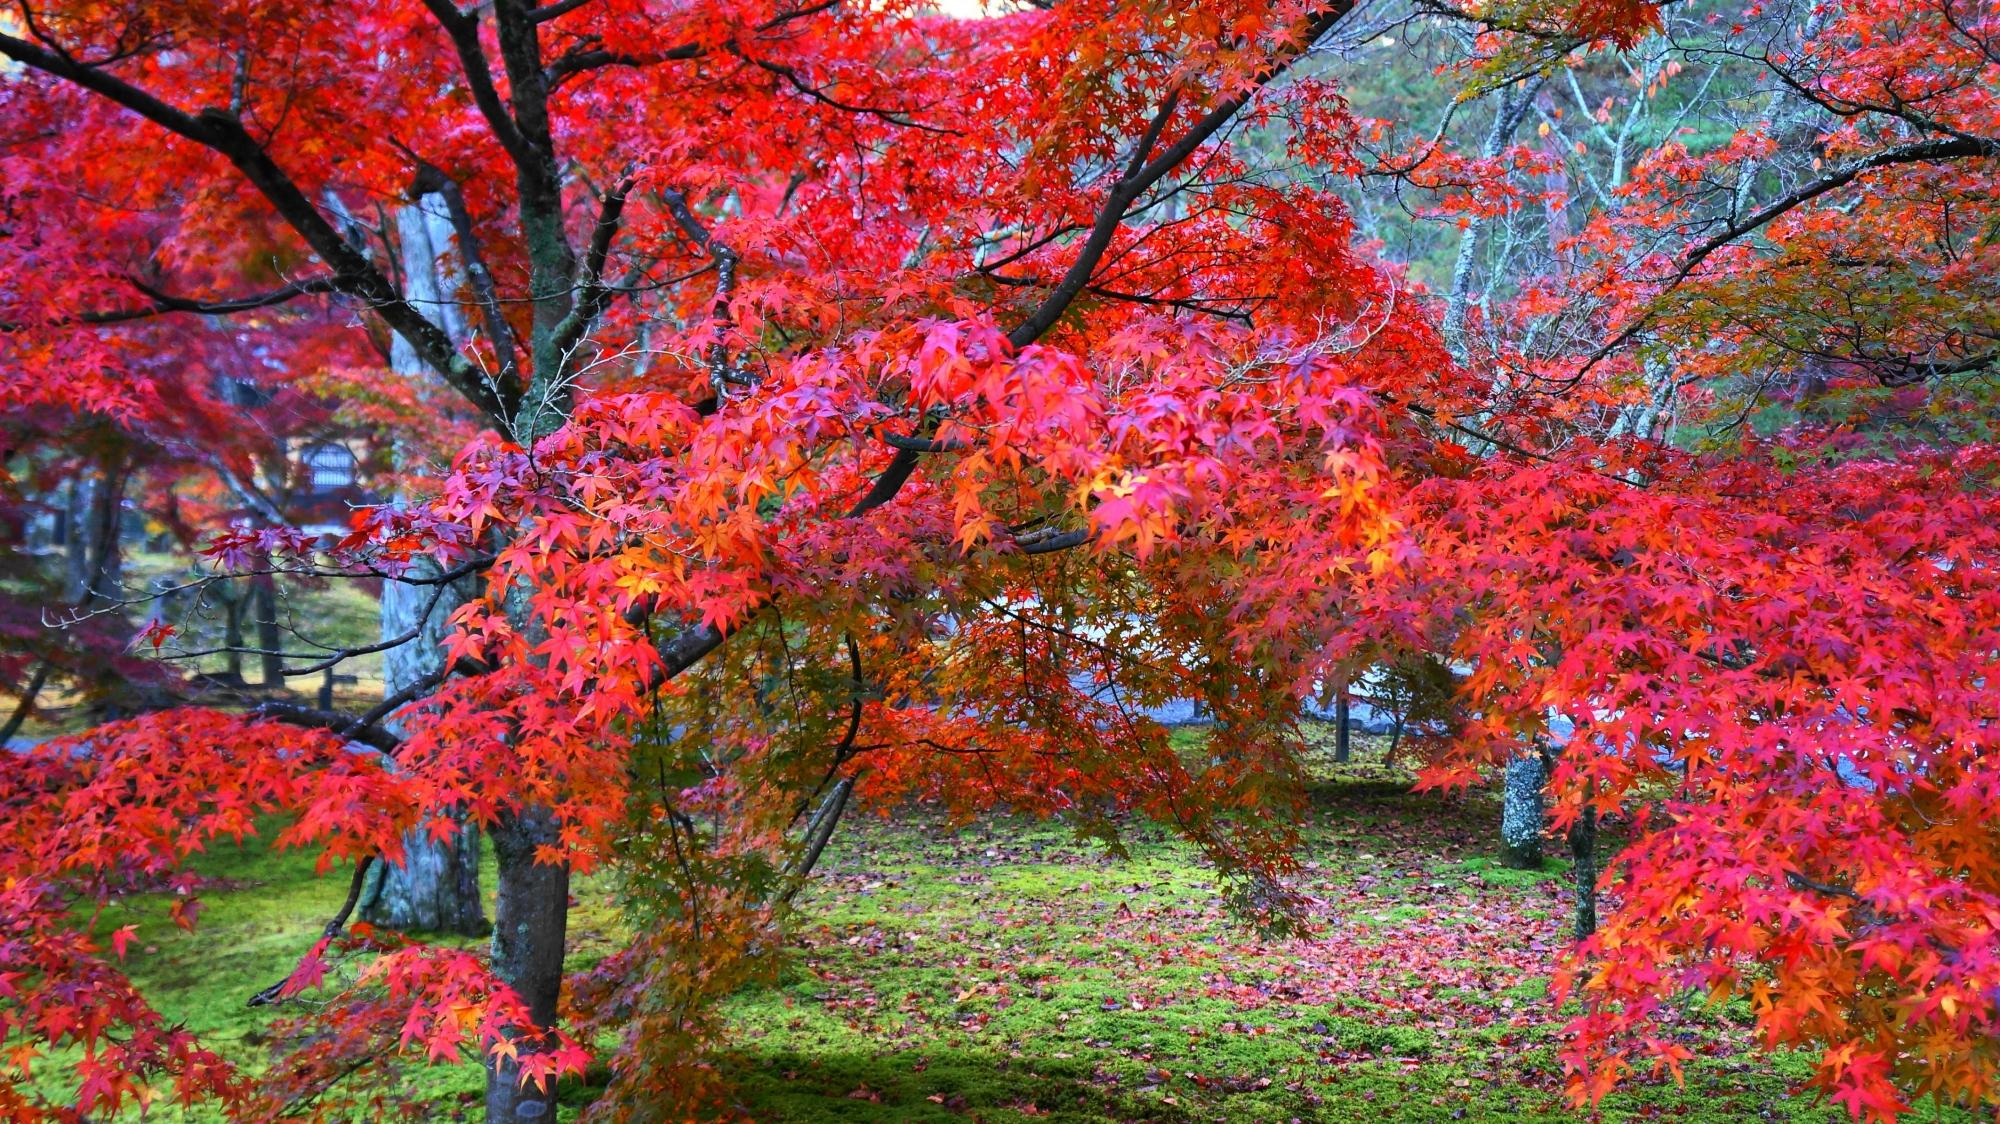 緑の苔の上で華やぐ多彩な紅葉